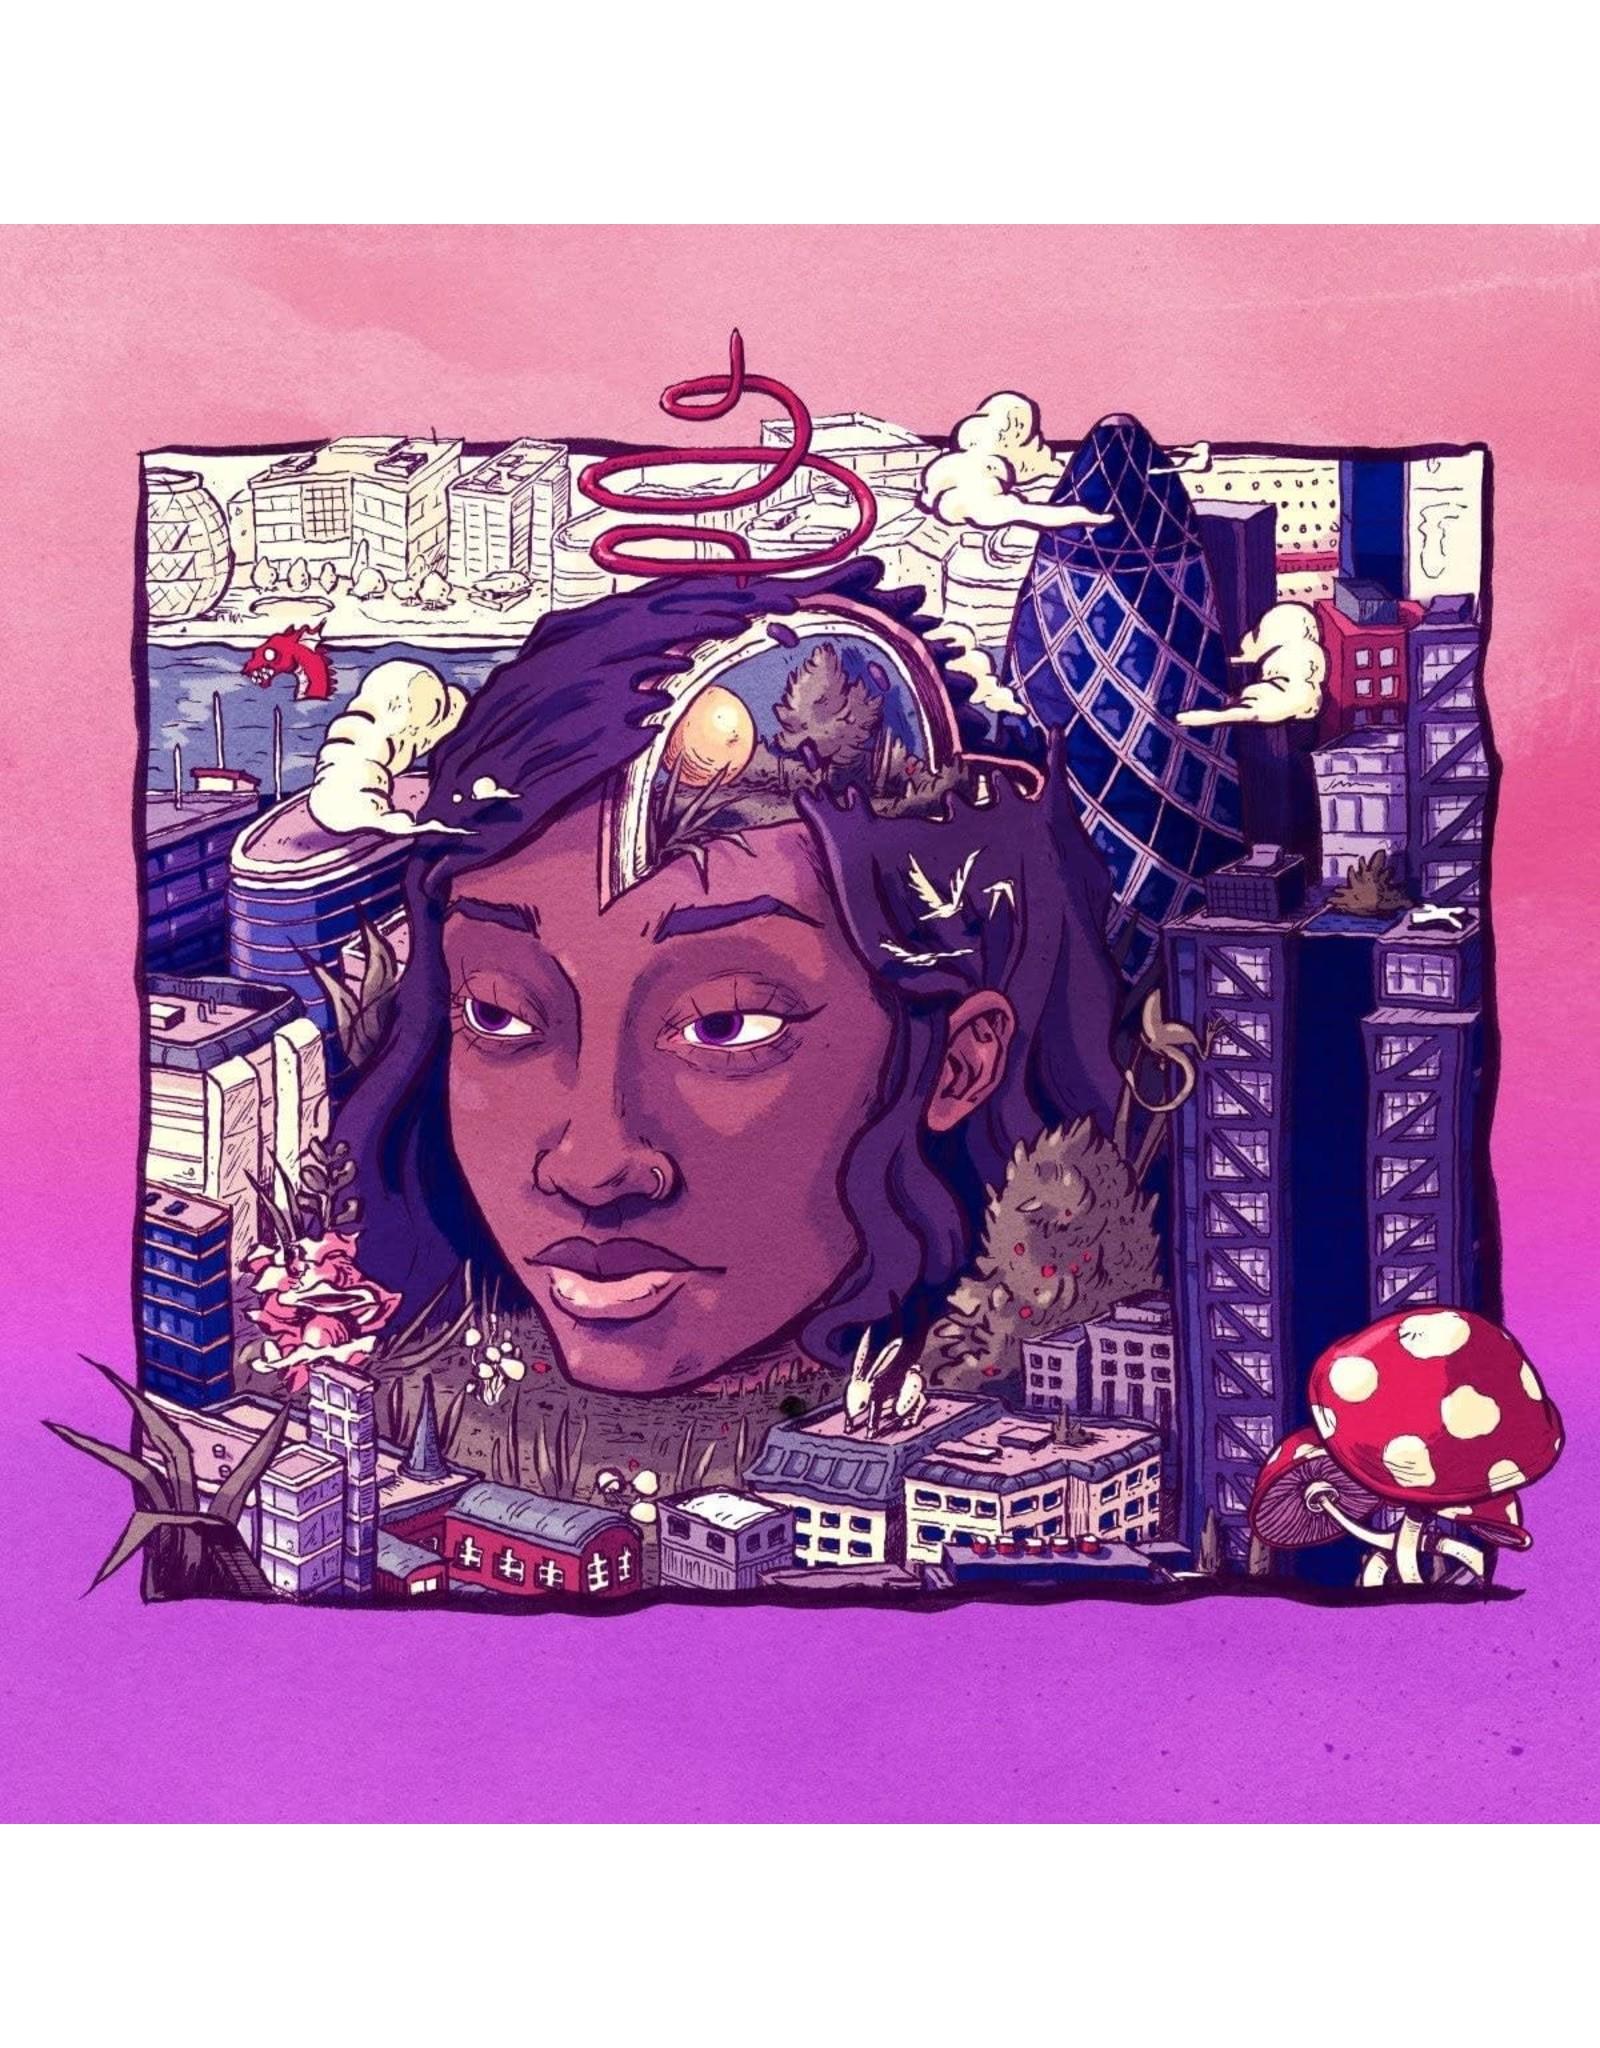 Little Simz - Stillness In Wonderland (Deluxe Edition)